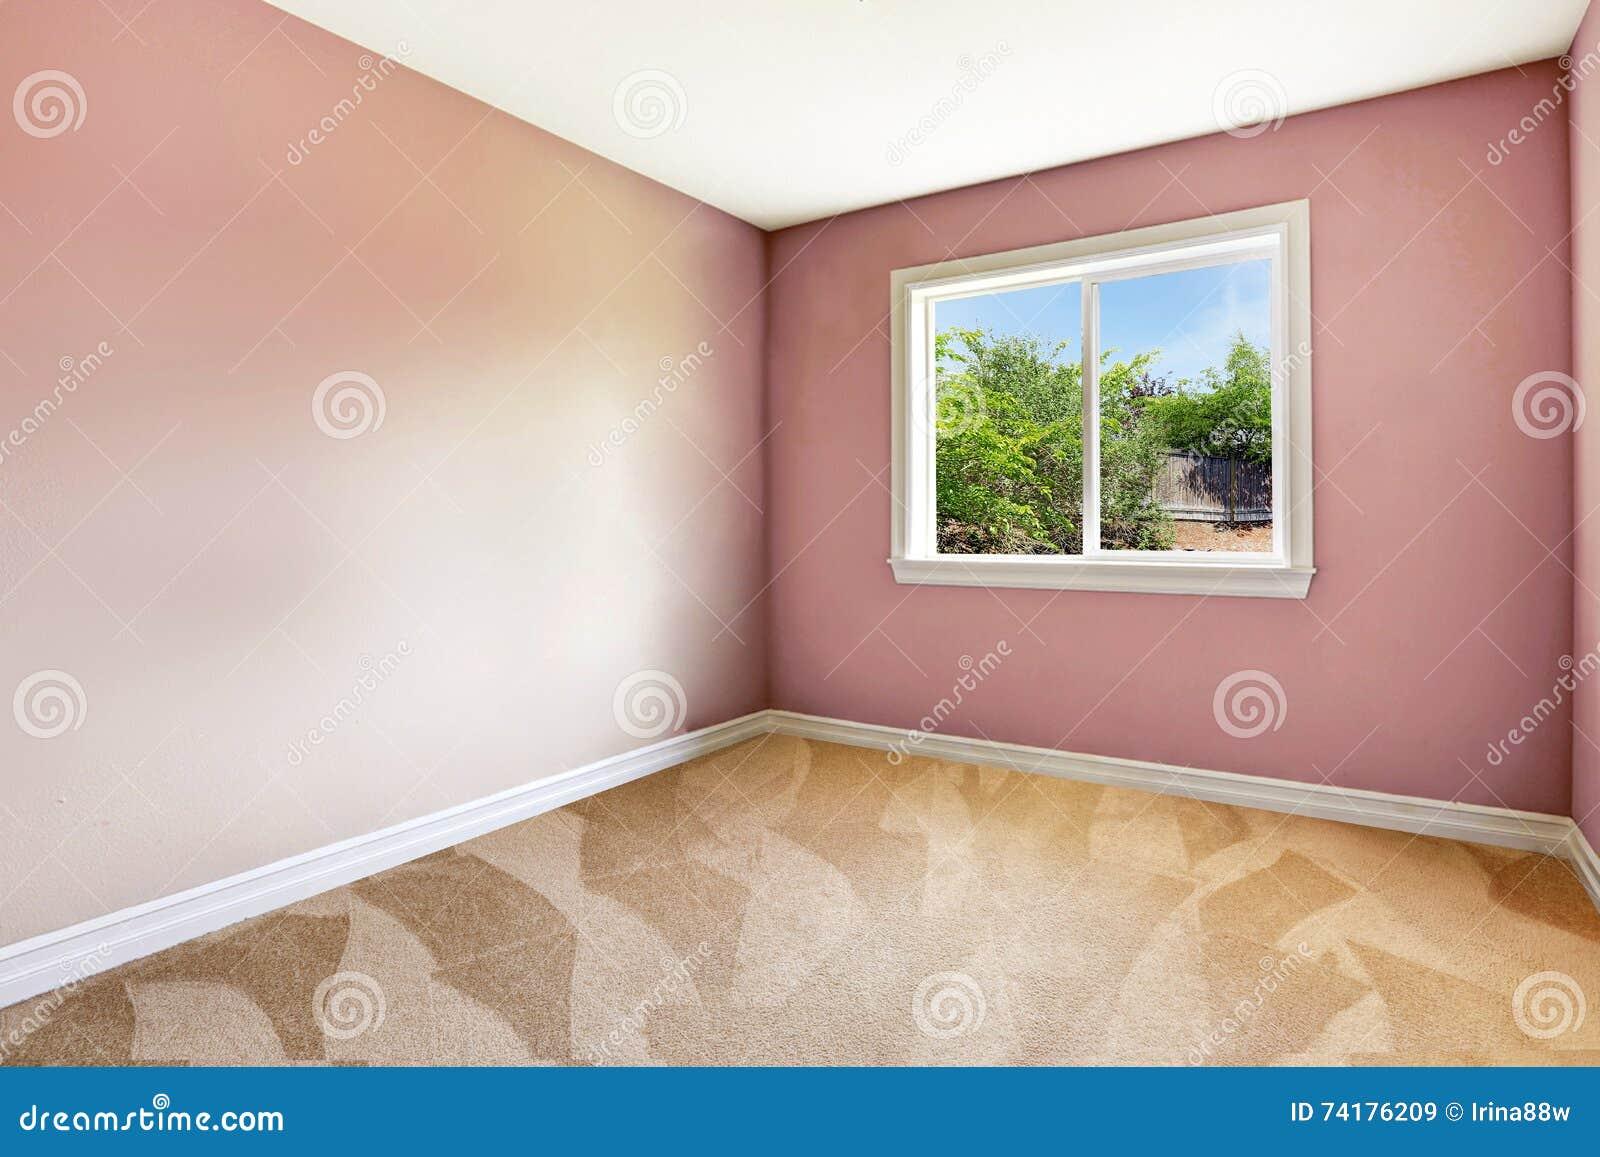 Sala Vazia Brilhante Com Uma Janela Assoalho De Tapete E As Paredes  -> Cor De Parede Para Sala Clara